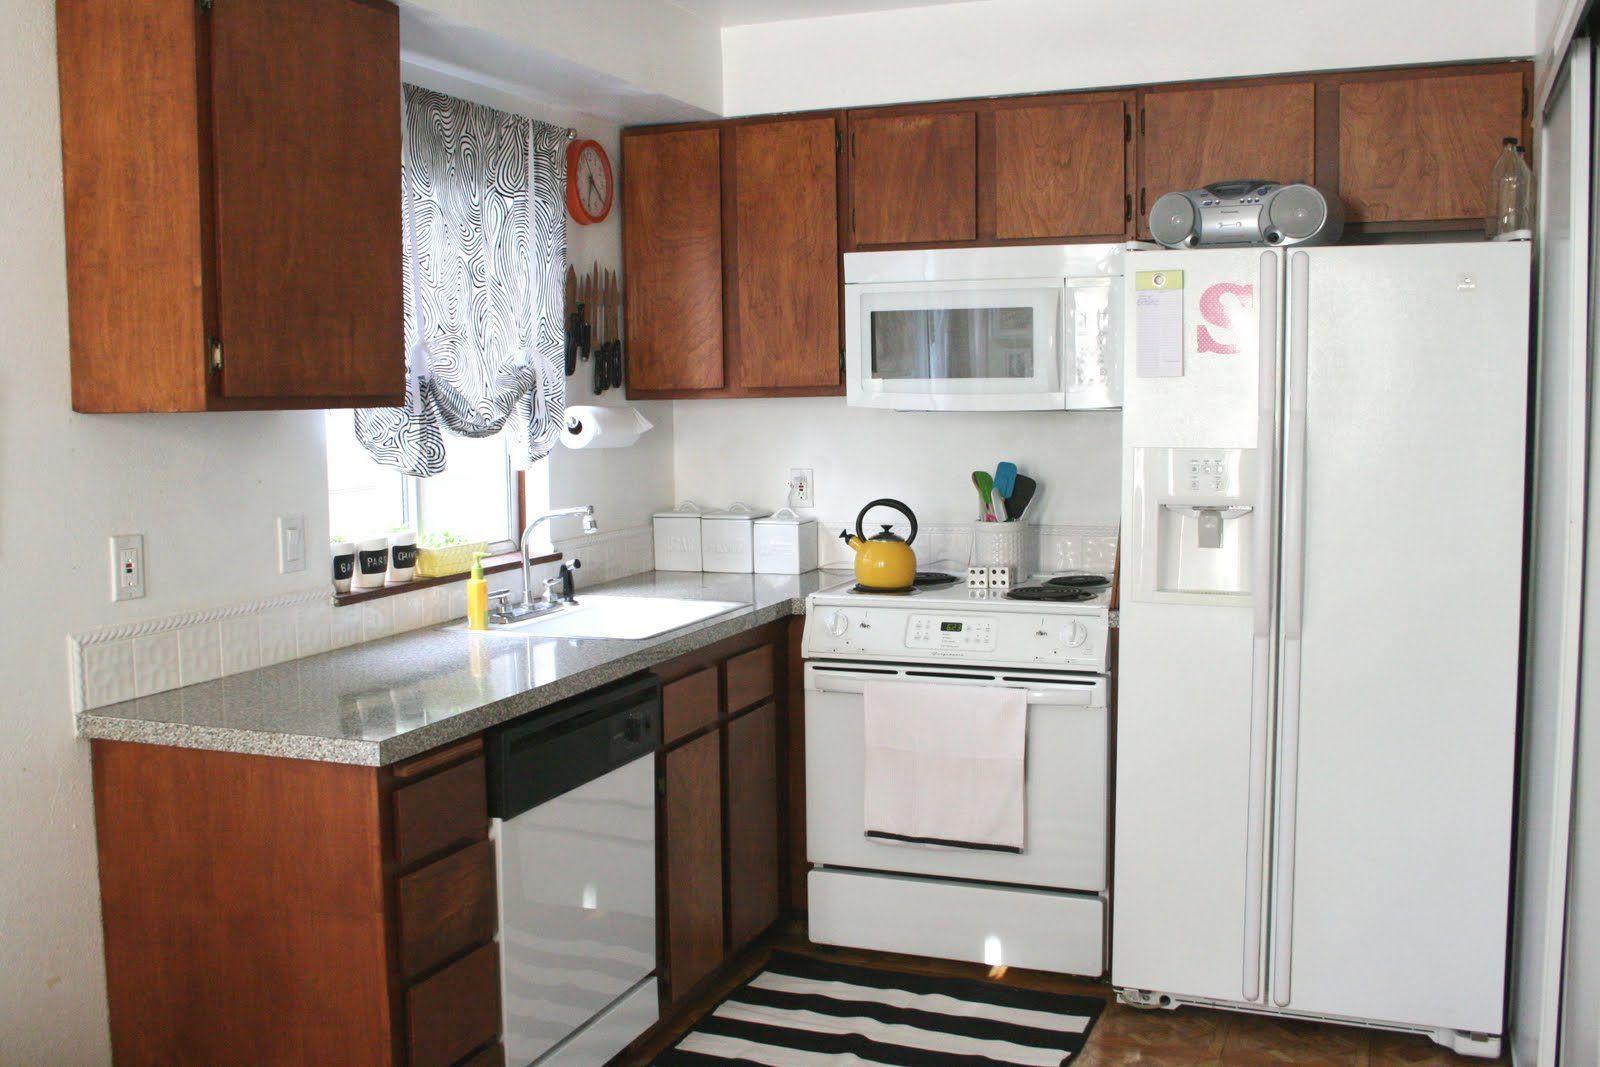 Ideias para mobilar uma cozinha pequena :: Ainda que os problemas de ...